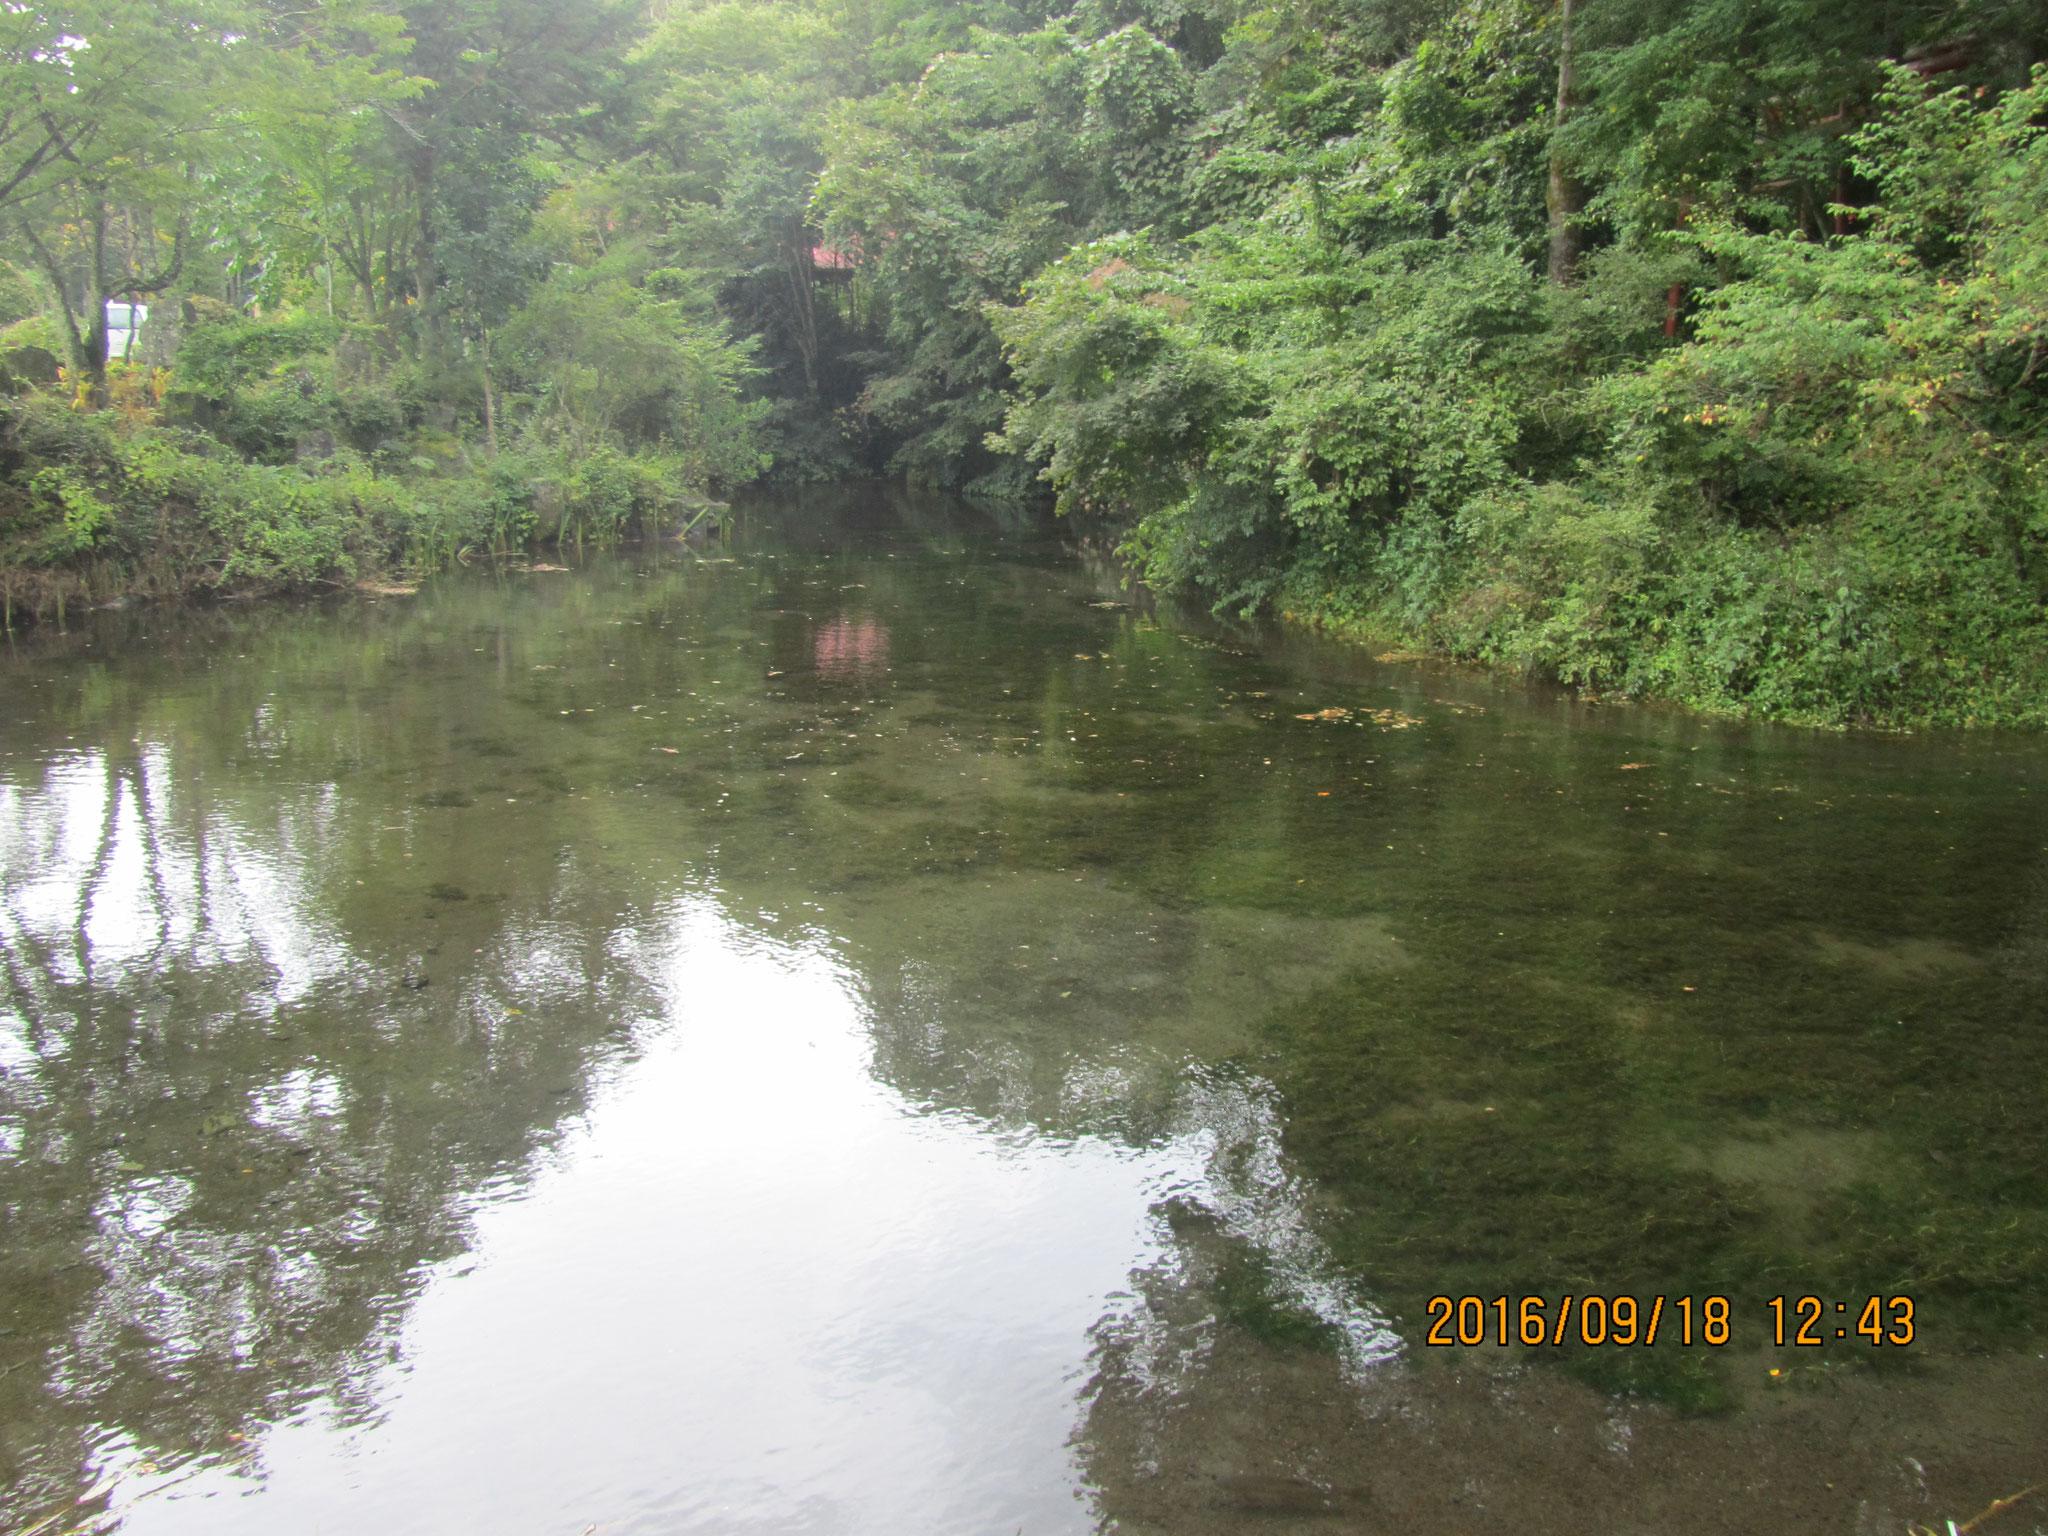 出口池(でぐちいけ)。富士登山を目指す行者(ぎょうじゃ)達は、この水で穢(けが)れを祓(はら)いました。そして、この水を携(たずさ)える事で無事に登山が出来ると信じられています。「精進池」とも呼ばれるゆえんです。